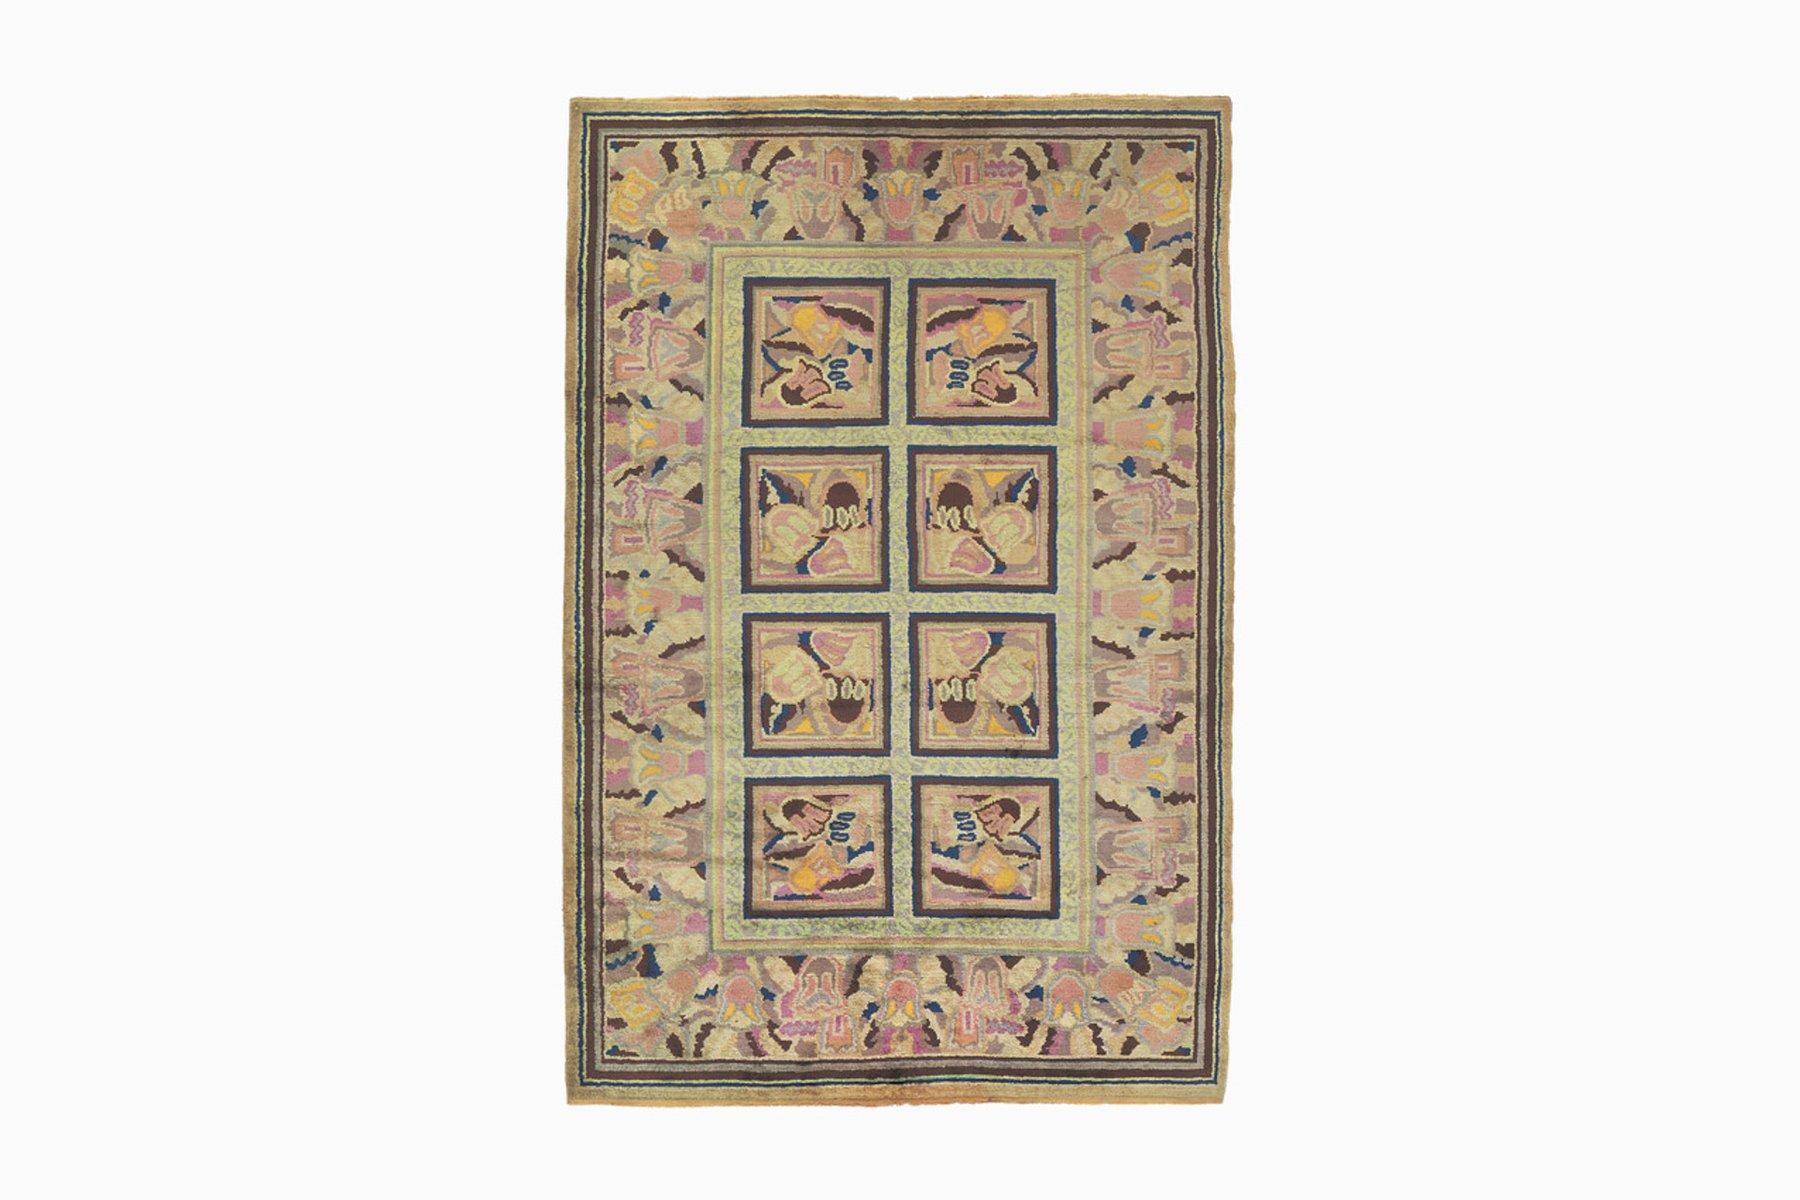 gebl mter art deco teppich bei pamono kaufen. Black Bedroom Furniture Sets. Home Design Ideas